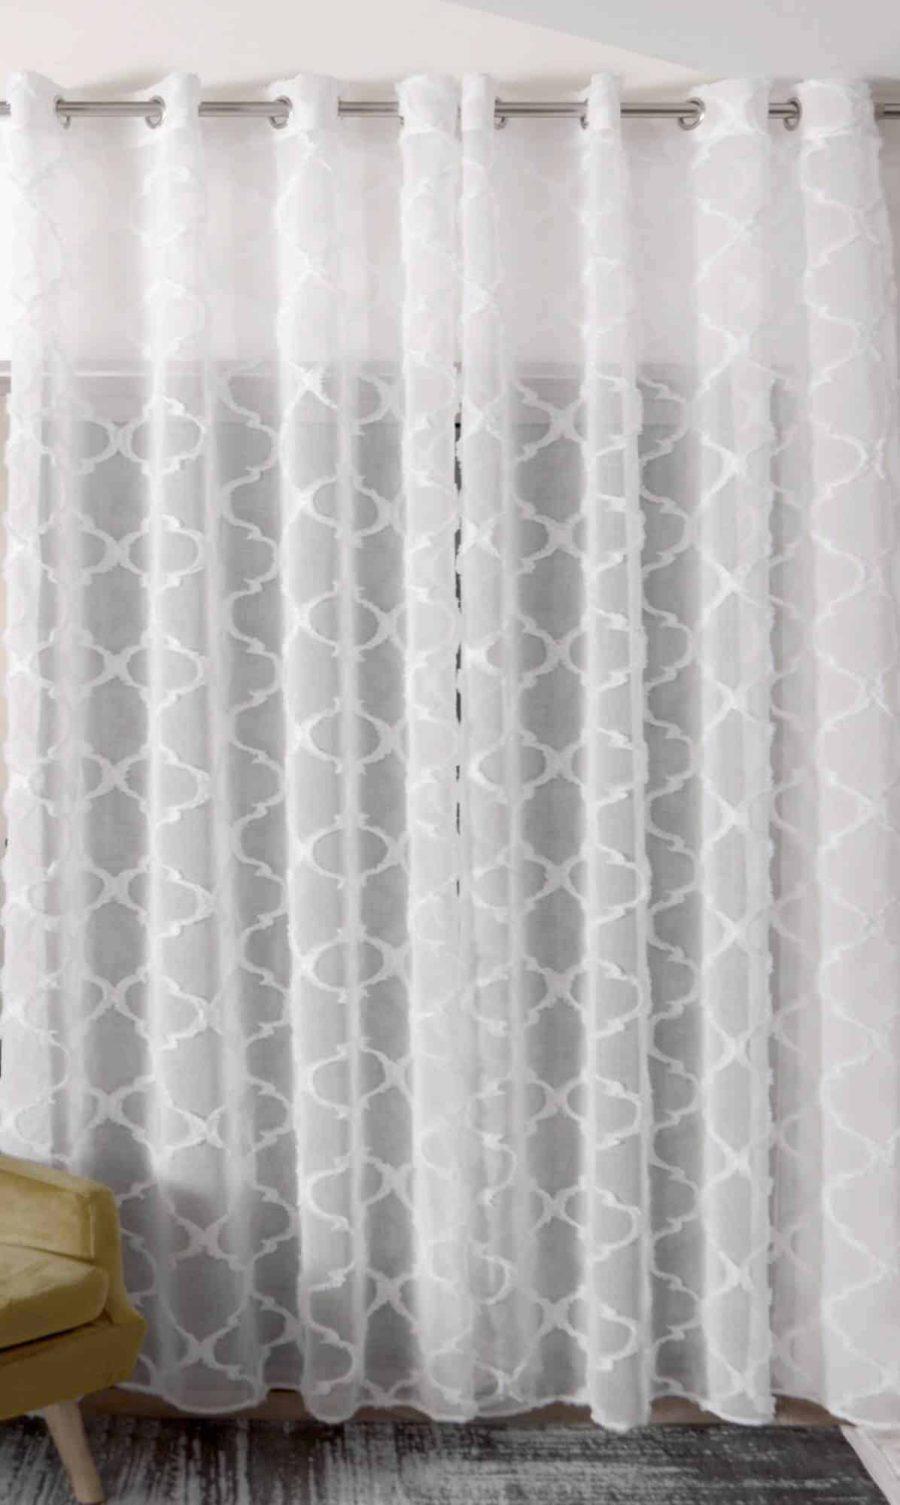 וילון ג'קארד מודרני לסלון ולחדר השינה - שליו